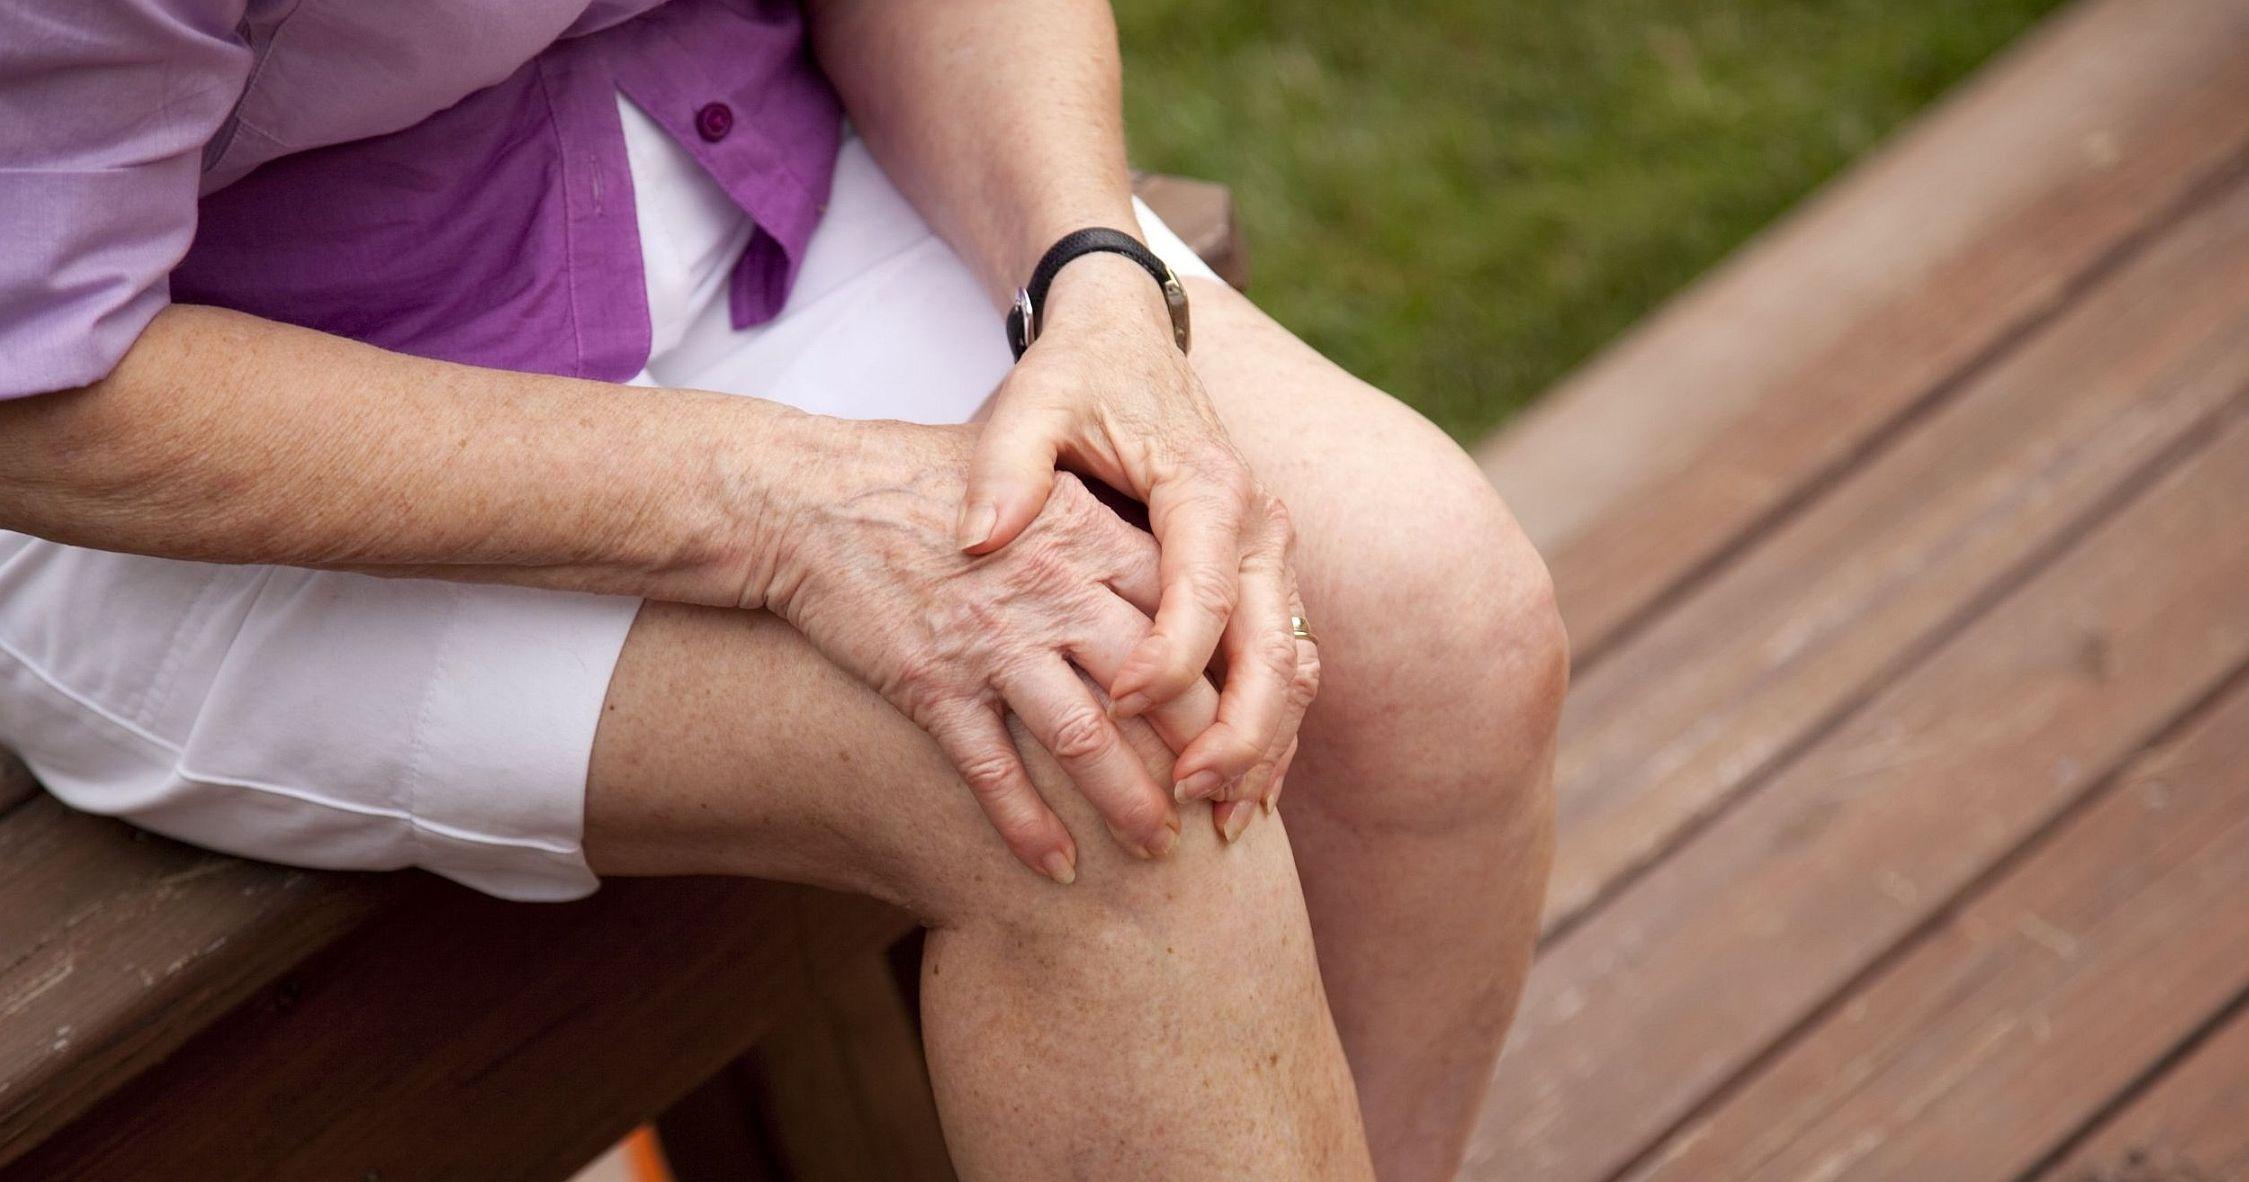 nagymama ízületi fájdalom kezelése)